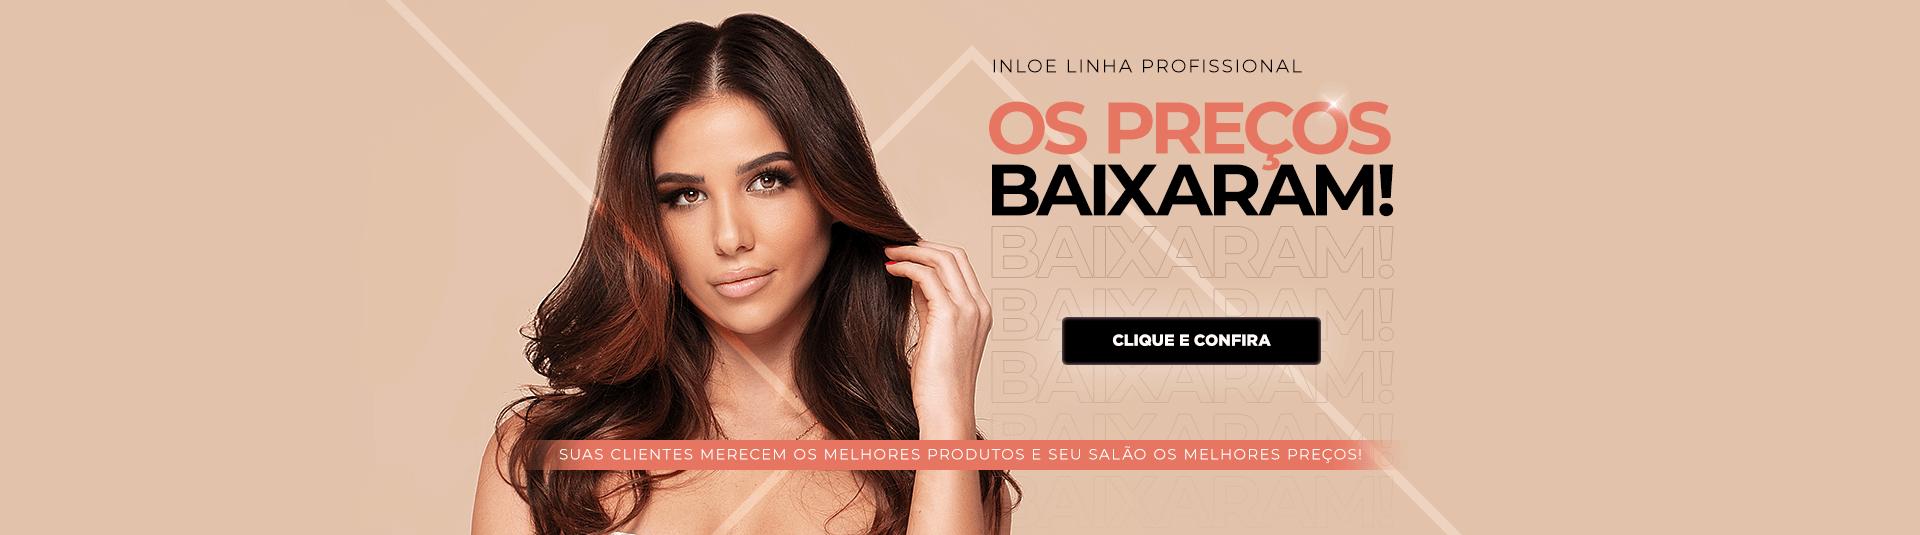 Banner - Promoção Linha Profissional